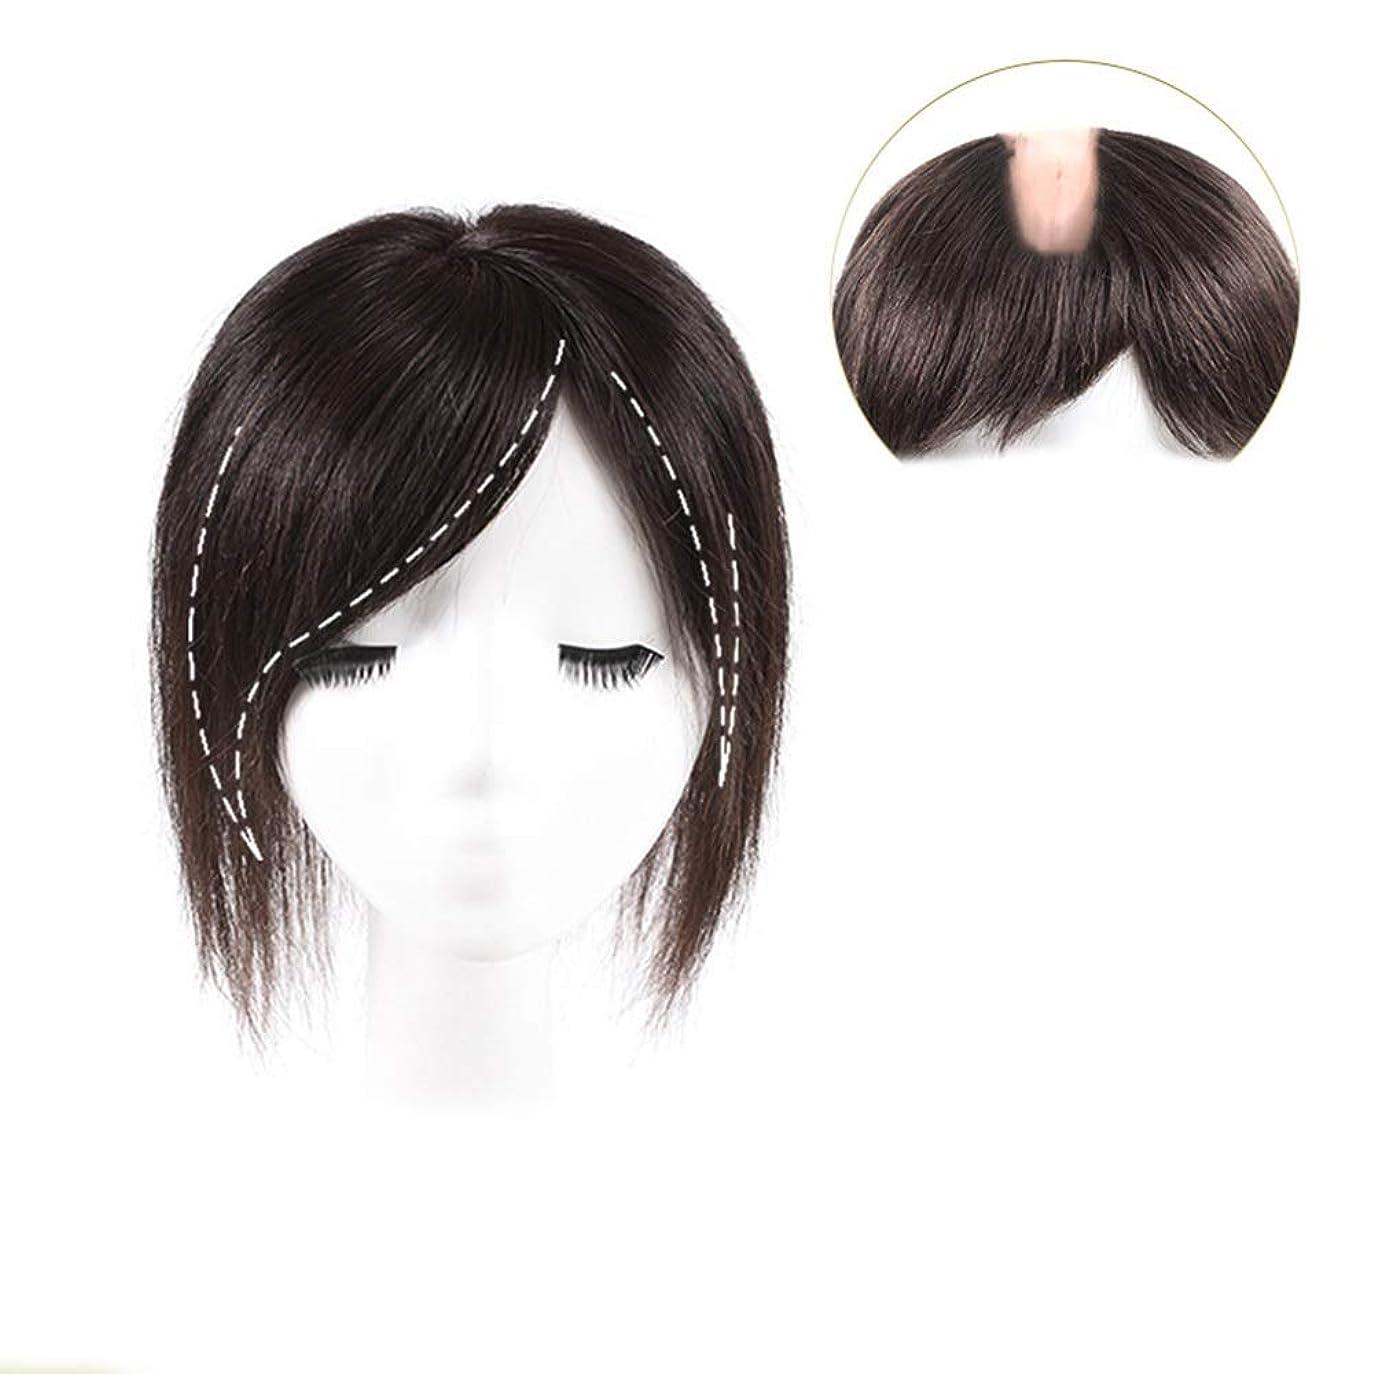 自治的エレベーター健全HOHYLLYA 本物の髪に見えないふわふわの自然な髪の拡張子ショートウィッグの女性の長いストレートヘアウィッグピースクリップ (色 : [9x14] 35cm dark brown)